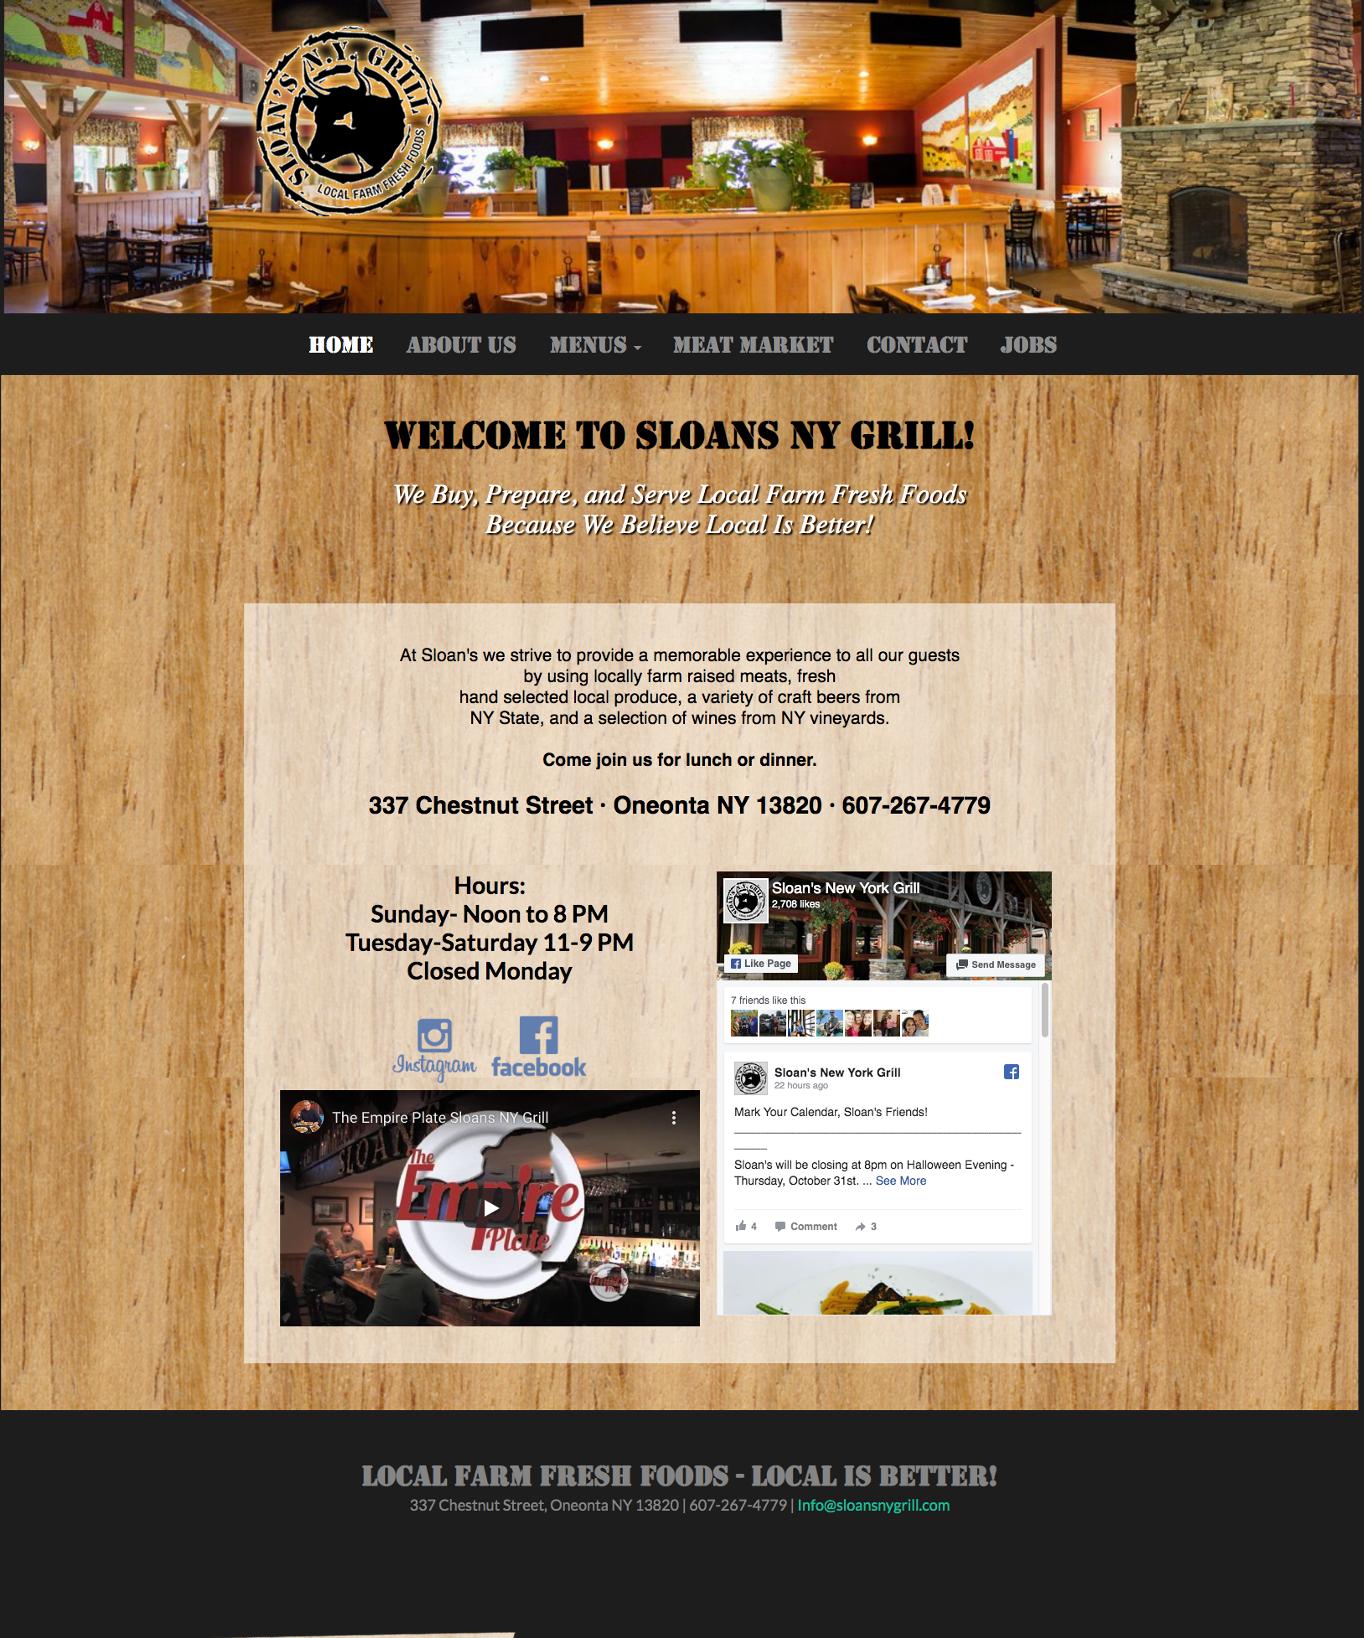 Sloan's NY Grill